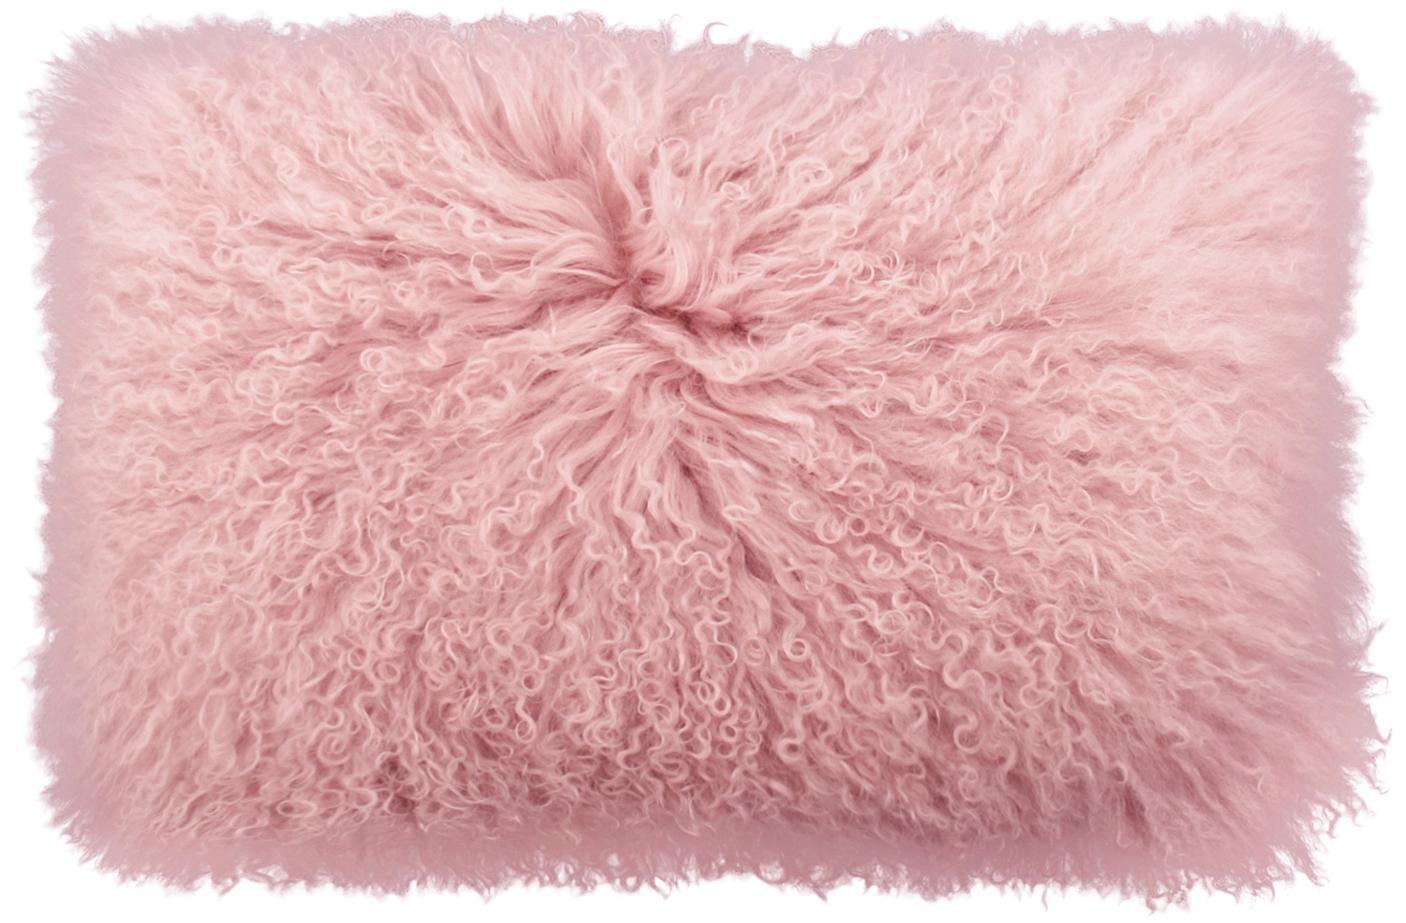 Funda de cojín en piel de cordero rizada Ella, Parte delantera: 100%piel de cordero de M, Parte trasera: 100%poliéster, Rosa, An 30 x L 50 cm